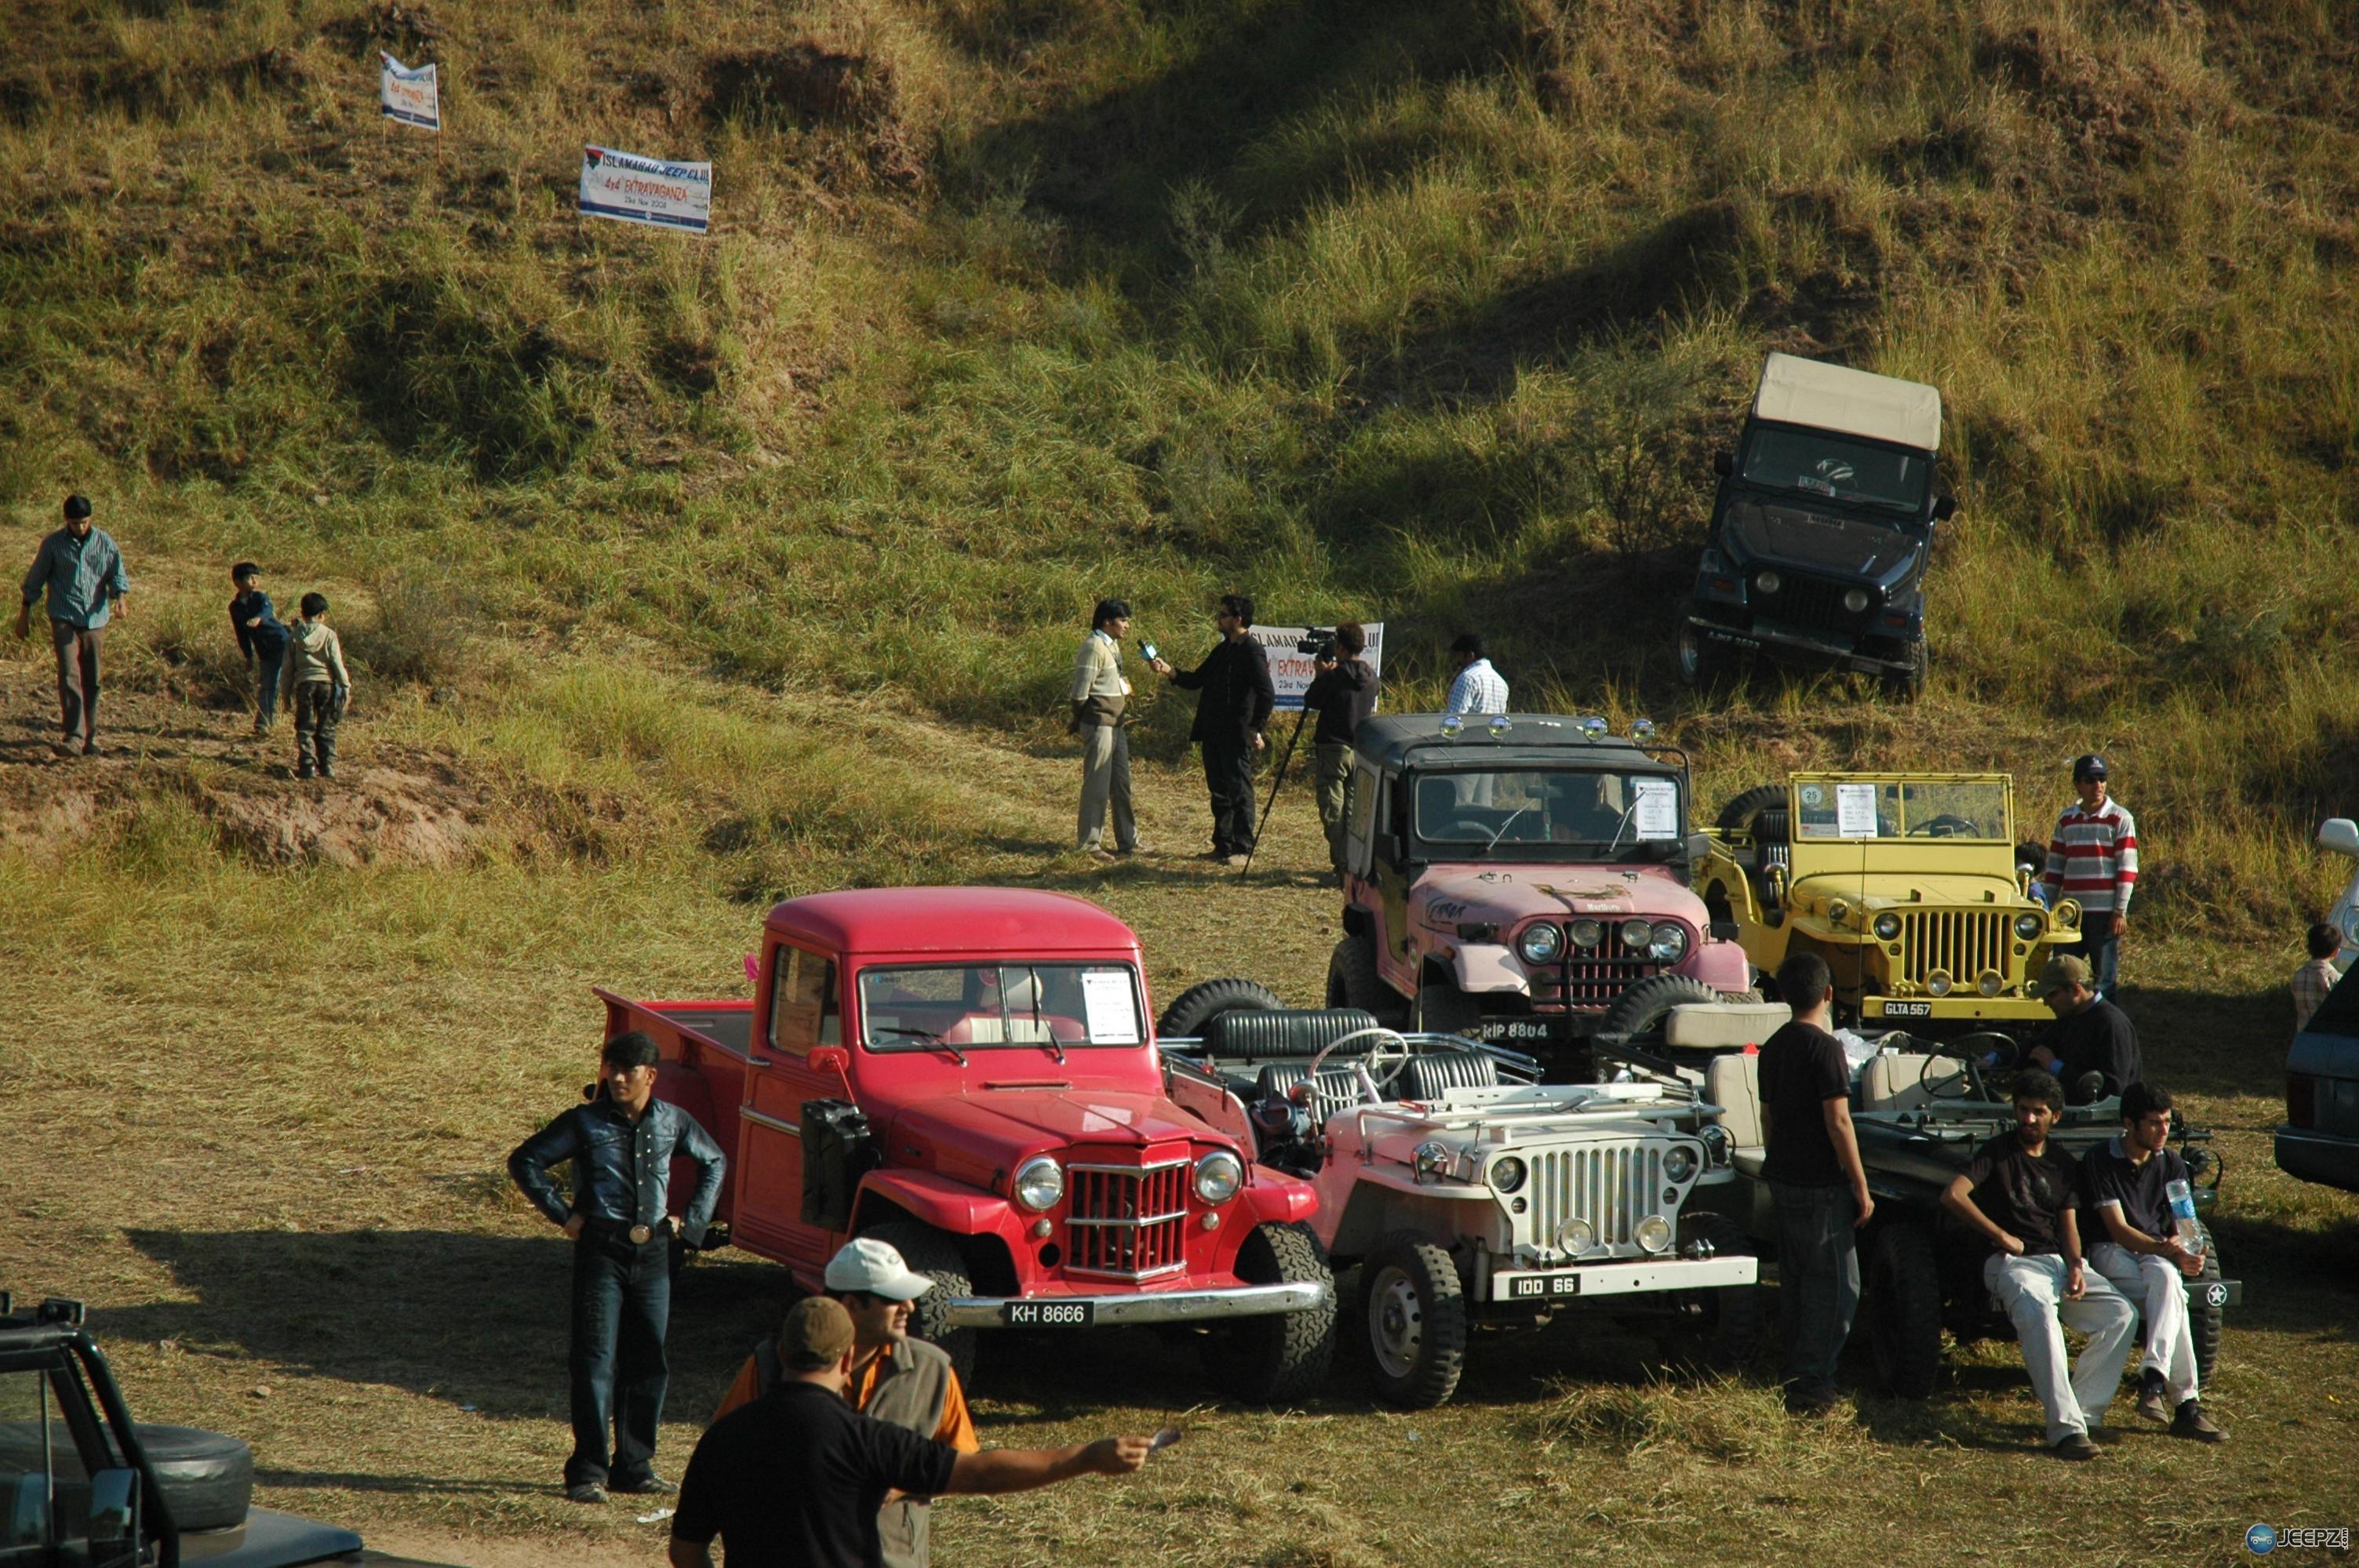 59 willys pickup - Jeepz.com